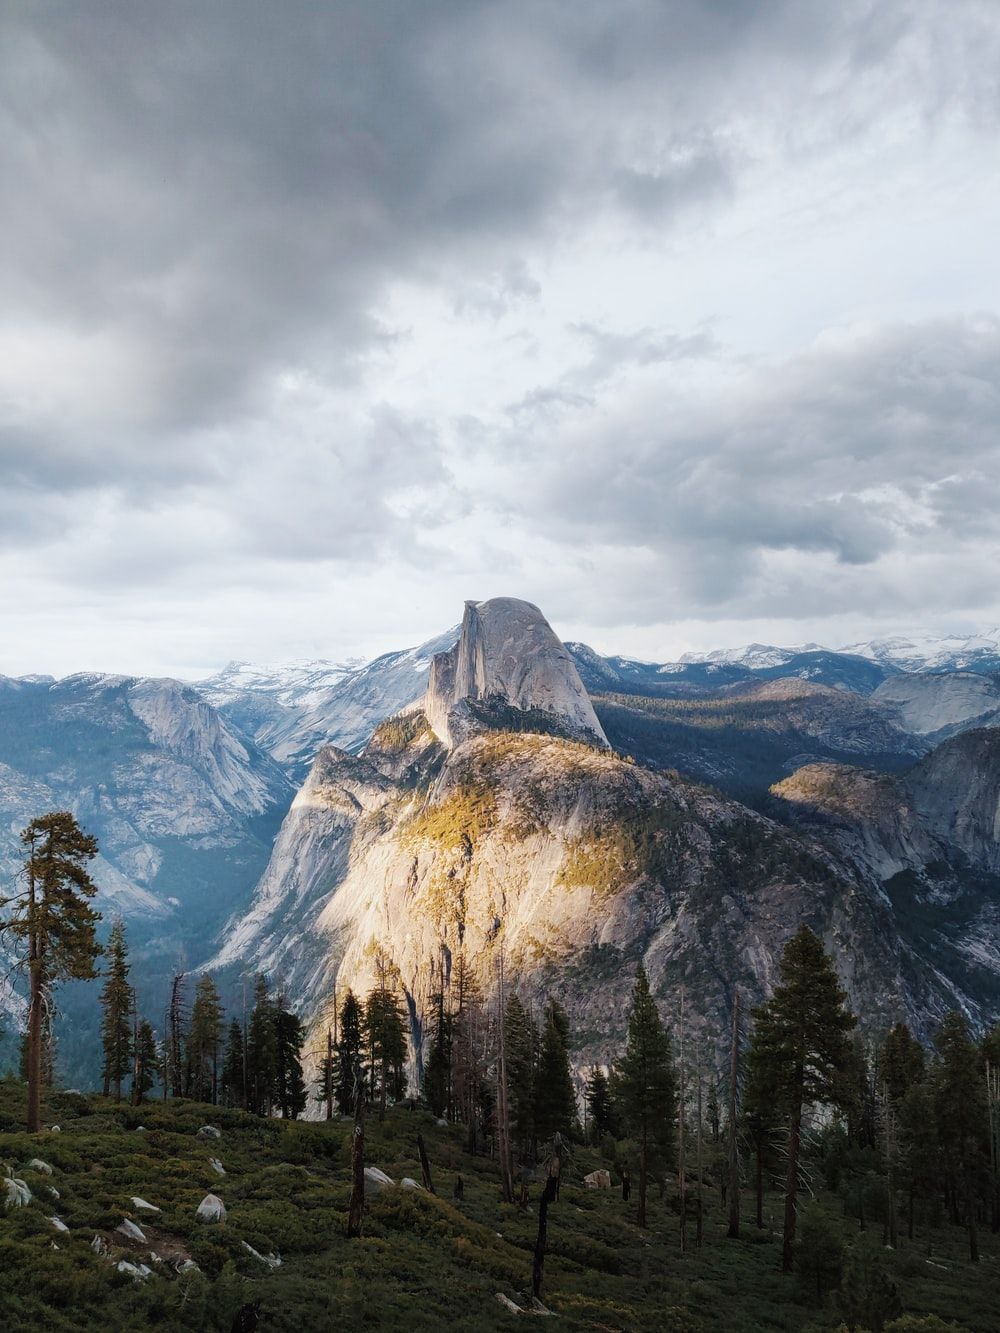 trees on mountain